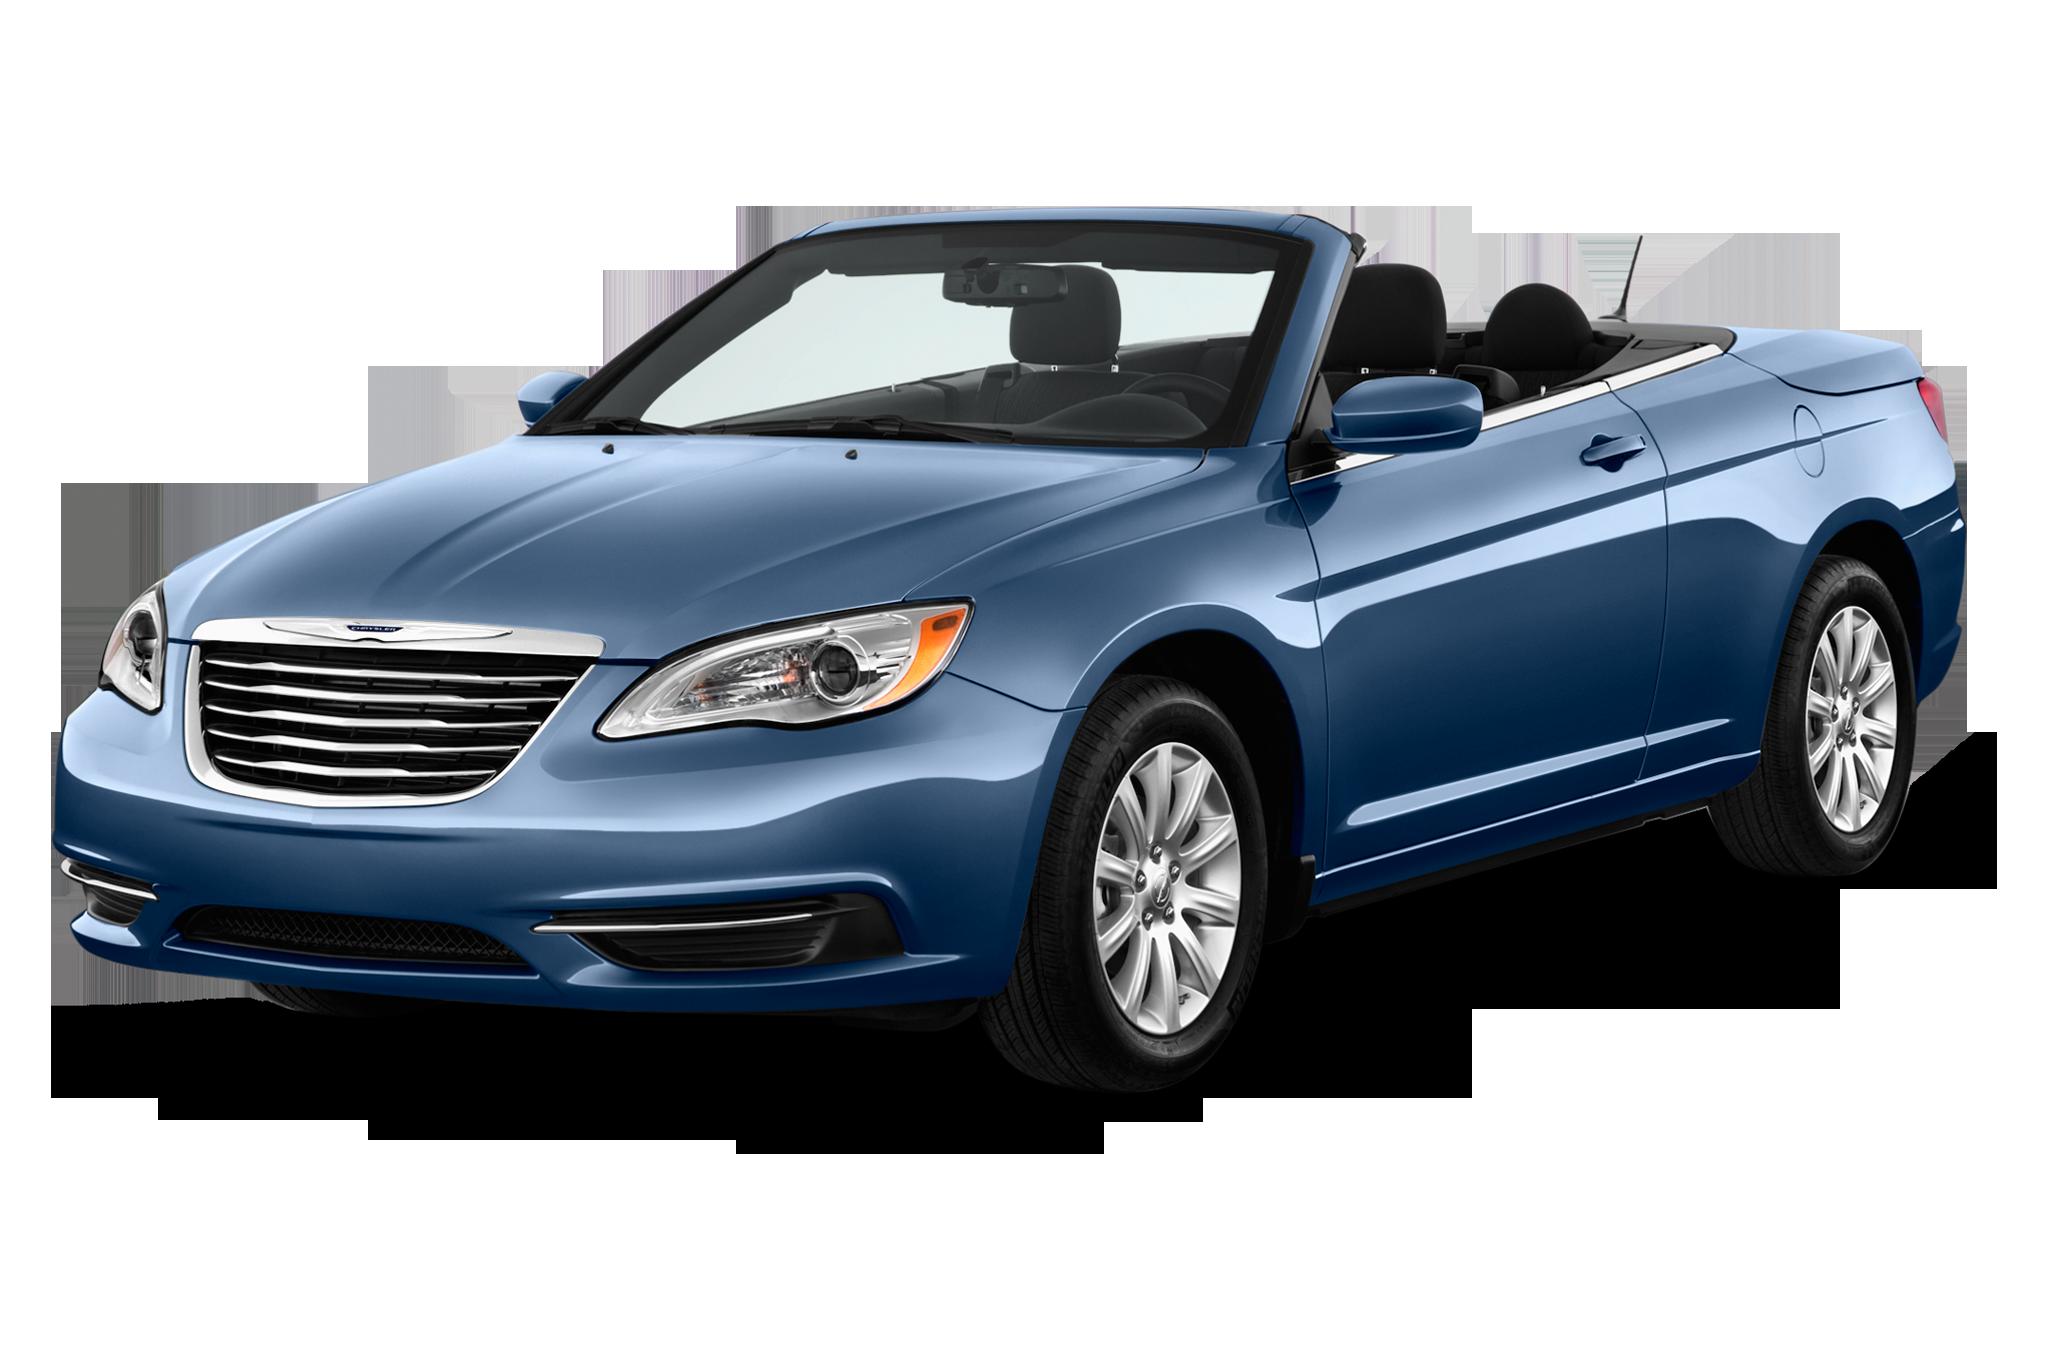 Chrysler 200 I 2011 - 2014 Cabriolet #2